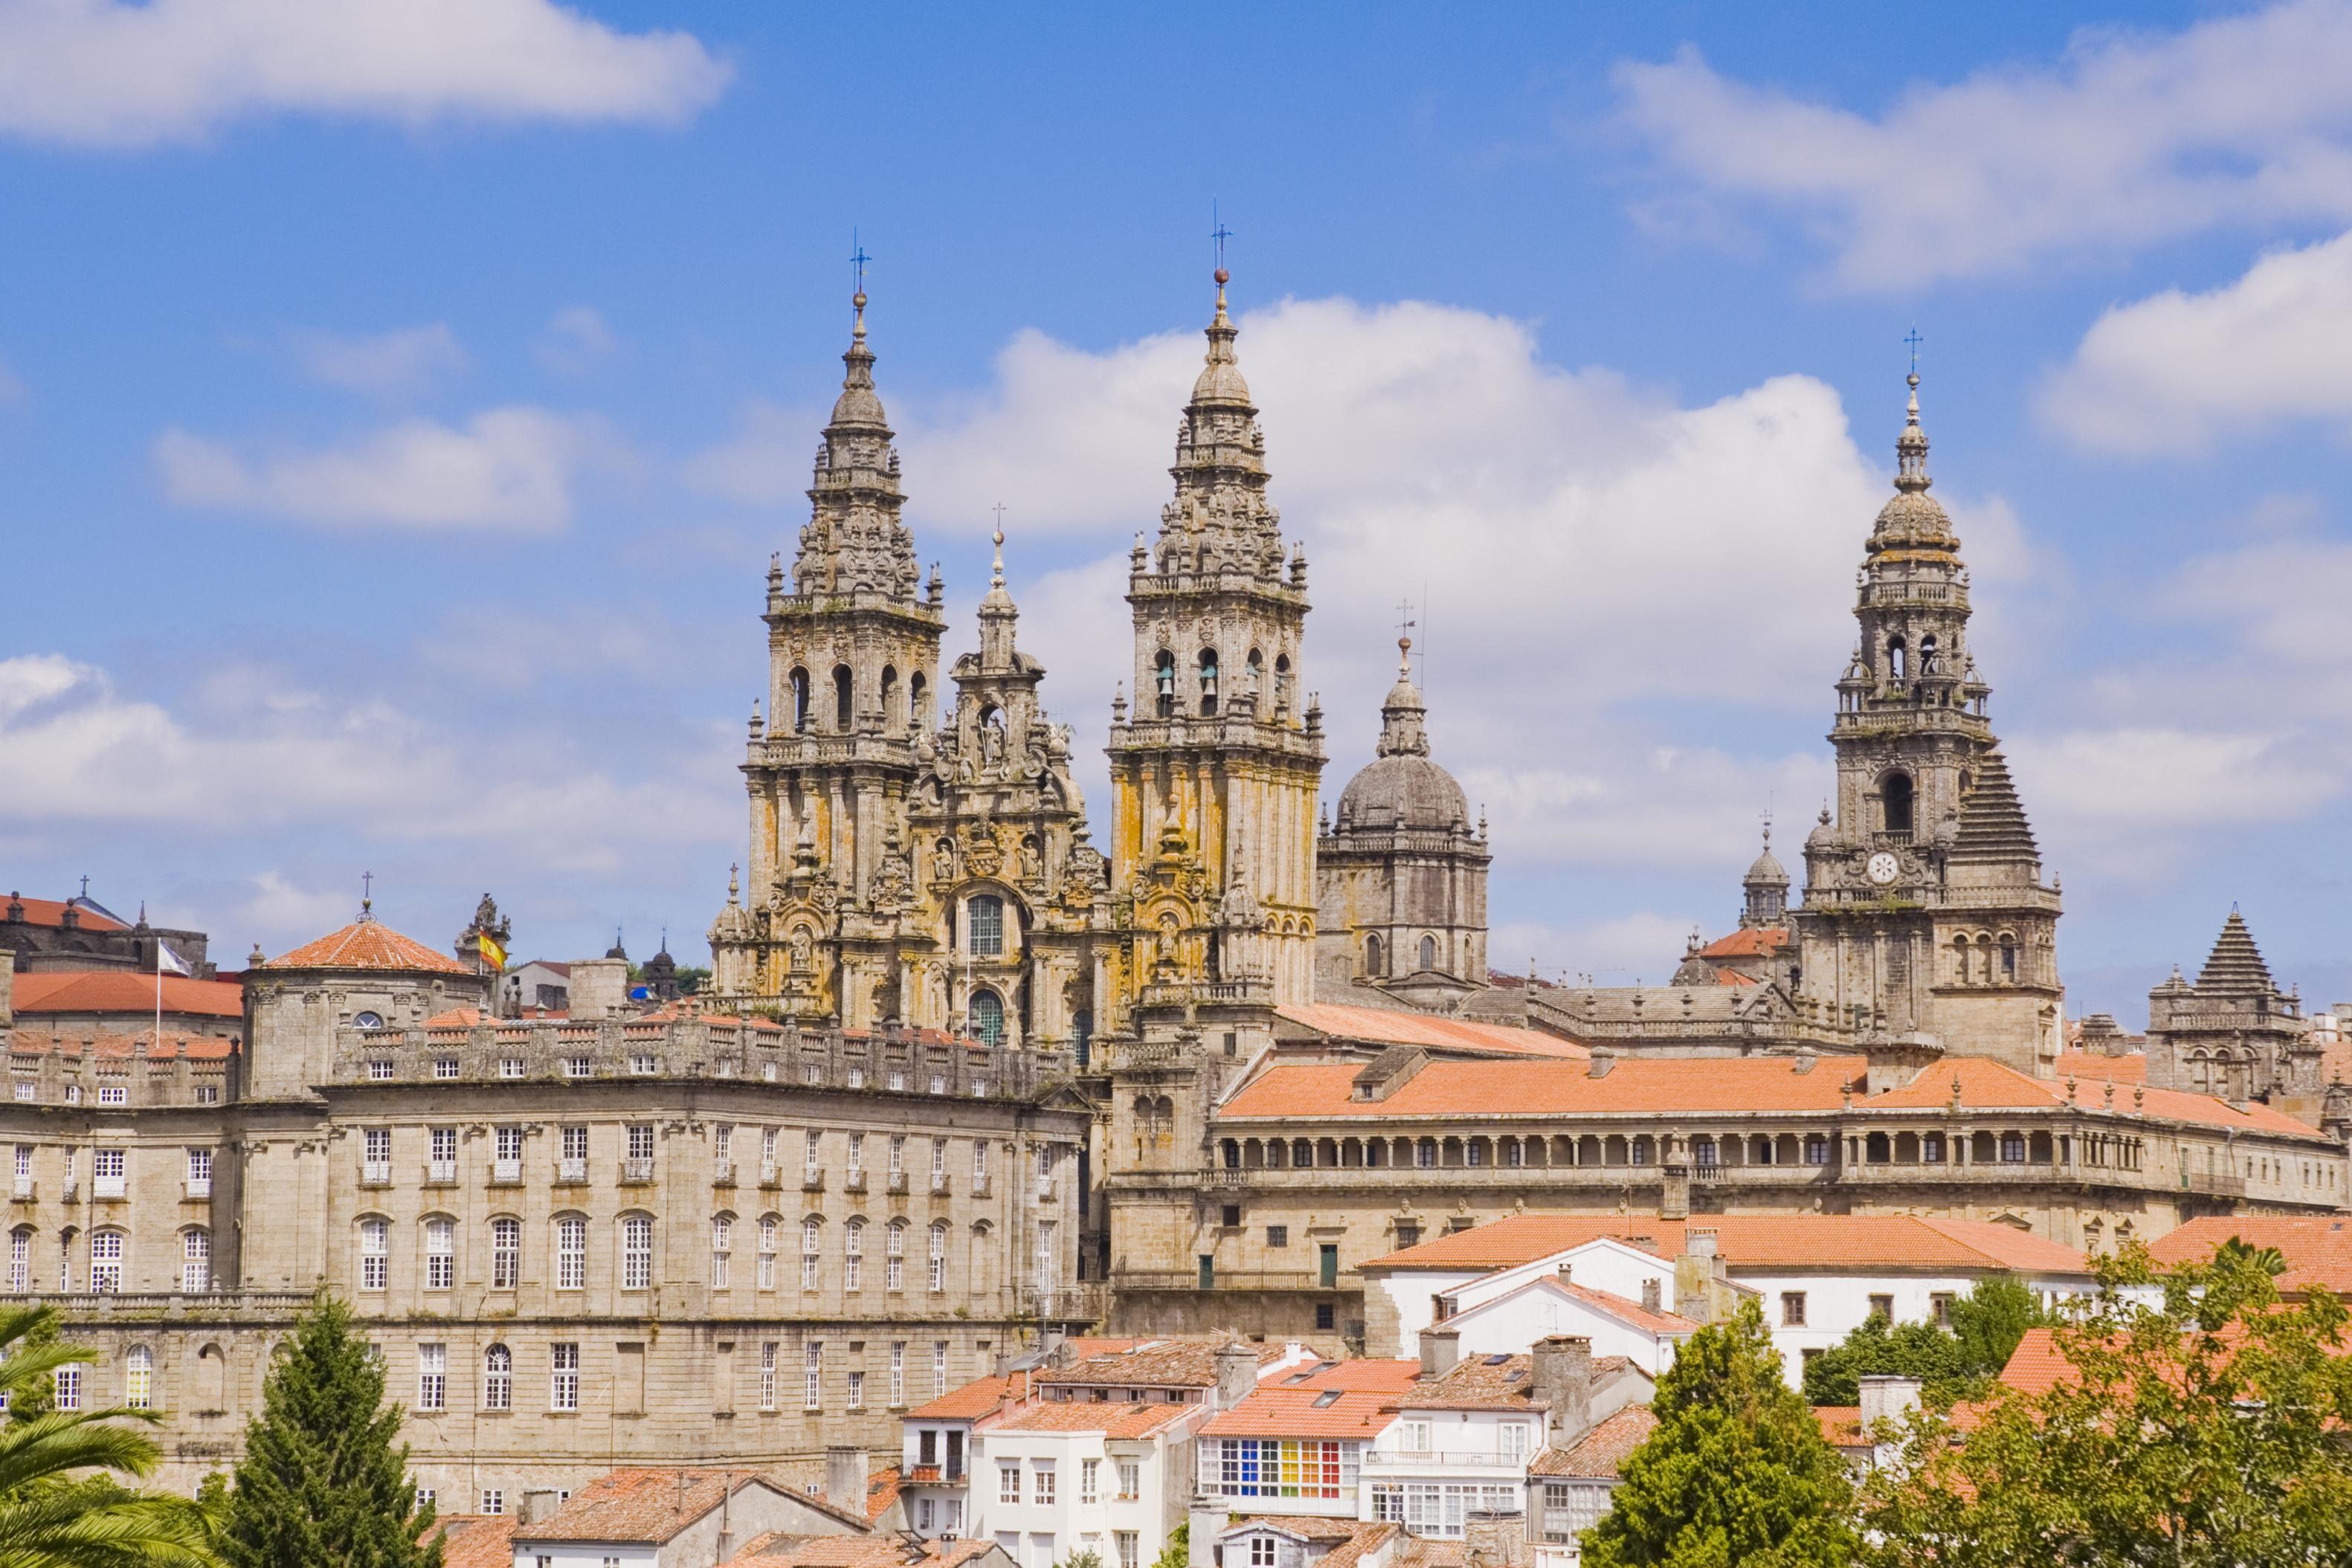 Catedral de Santiago de Compostela in Santiago de Compostela Spain